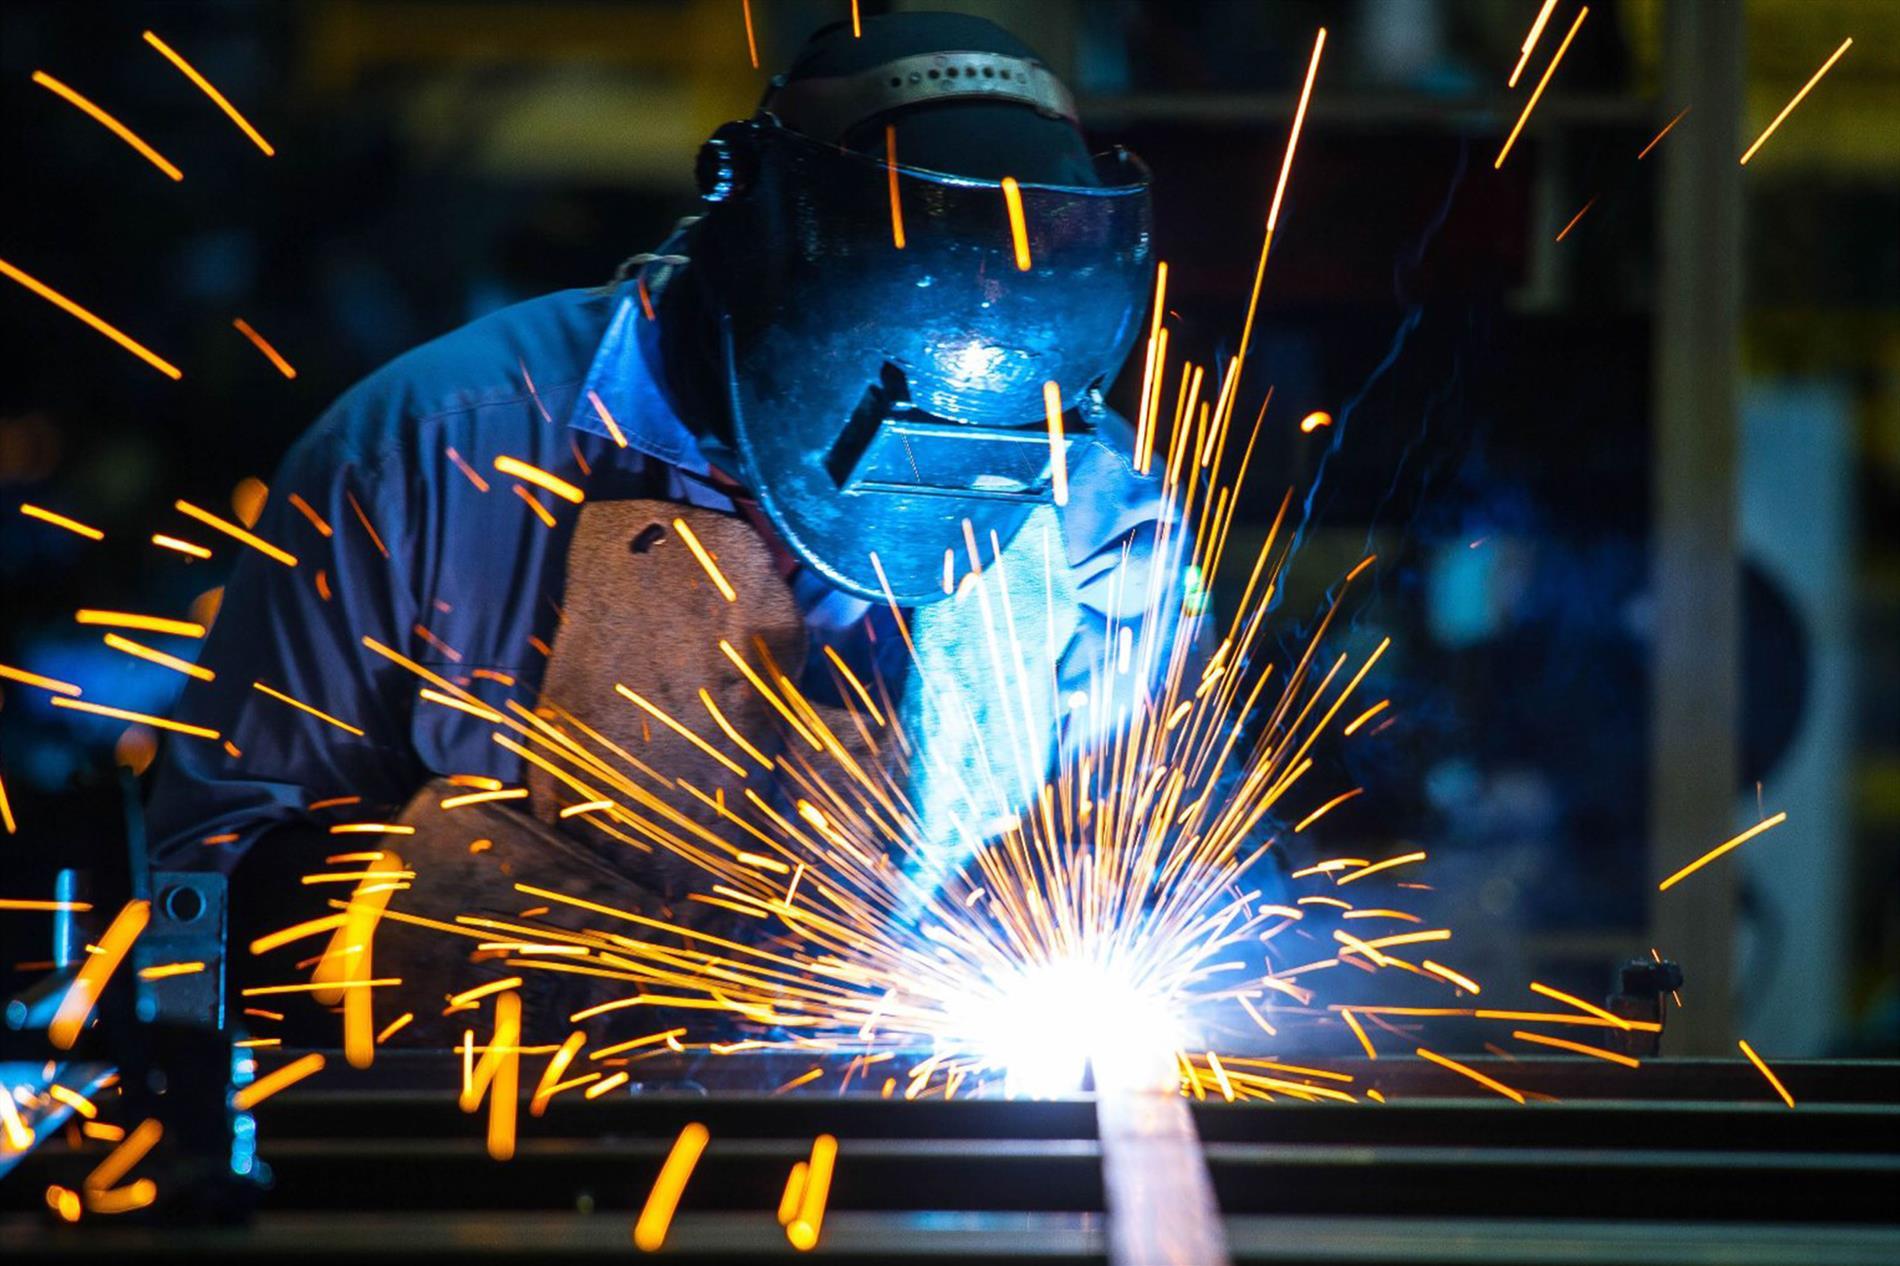 درباره جوشکاری و روش های انجام جوشکاری بیشتر بدانیم - گروه صنعتی ایران فلز